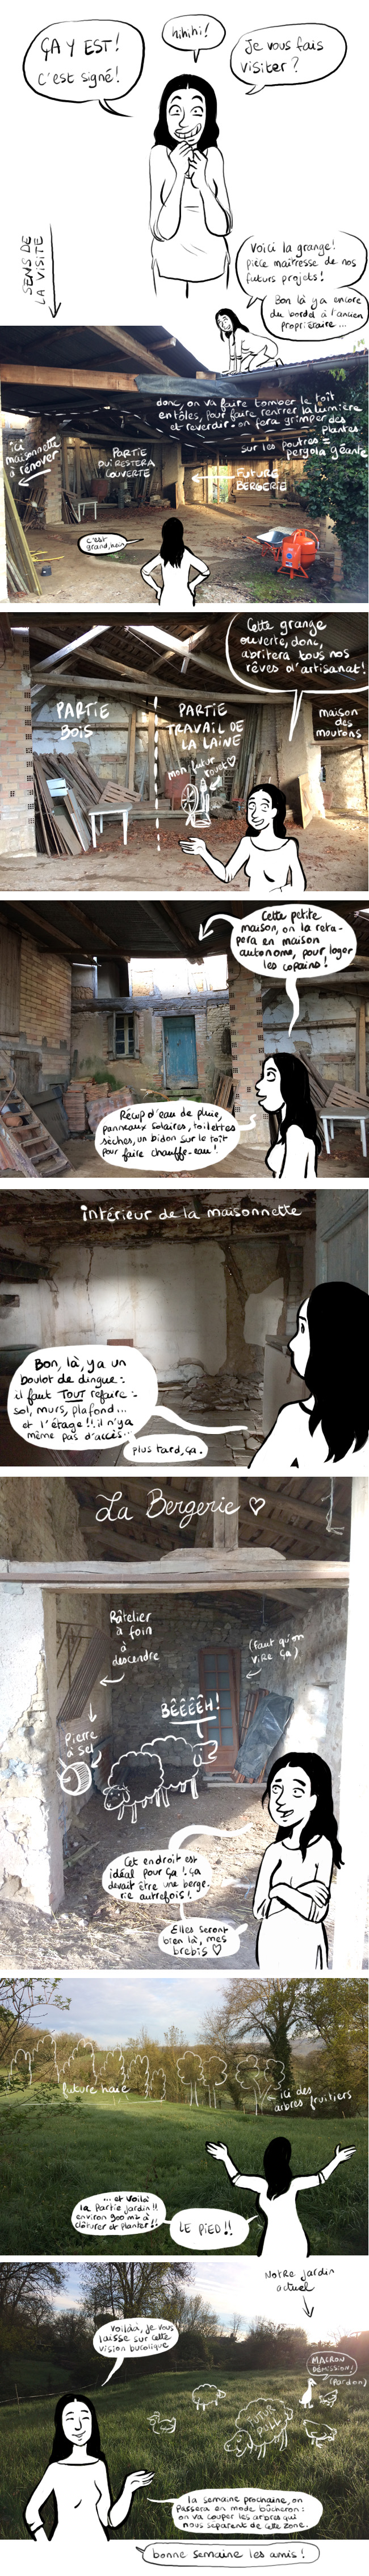 http://melaka.free.fr/blog/extension1.jpg